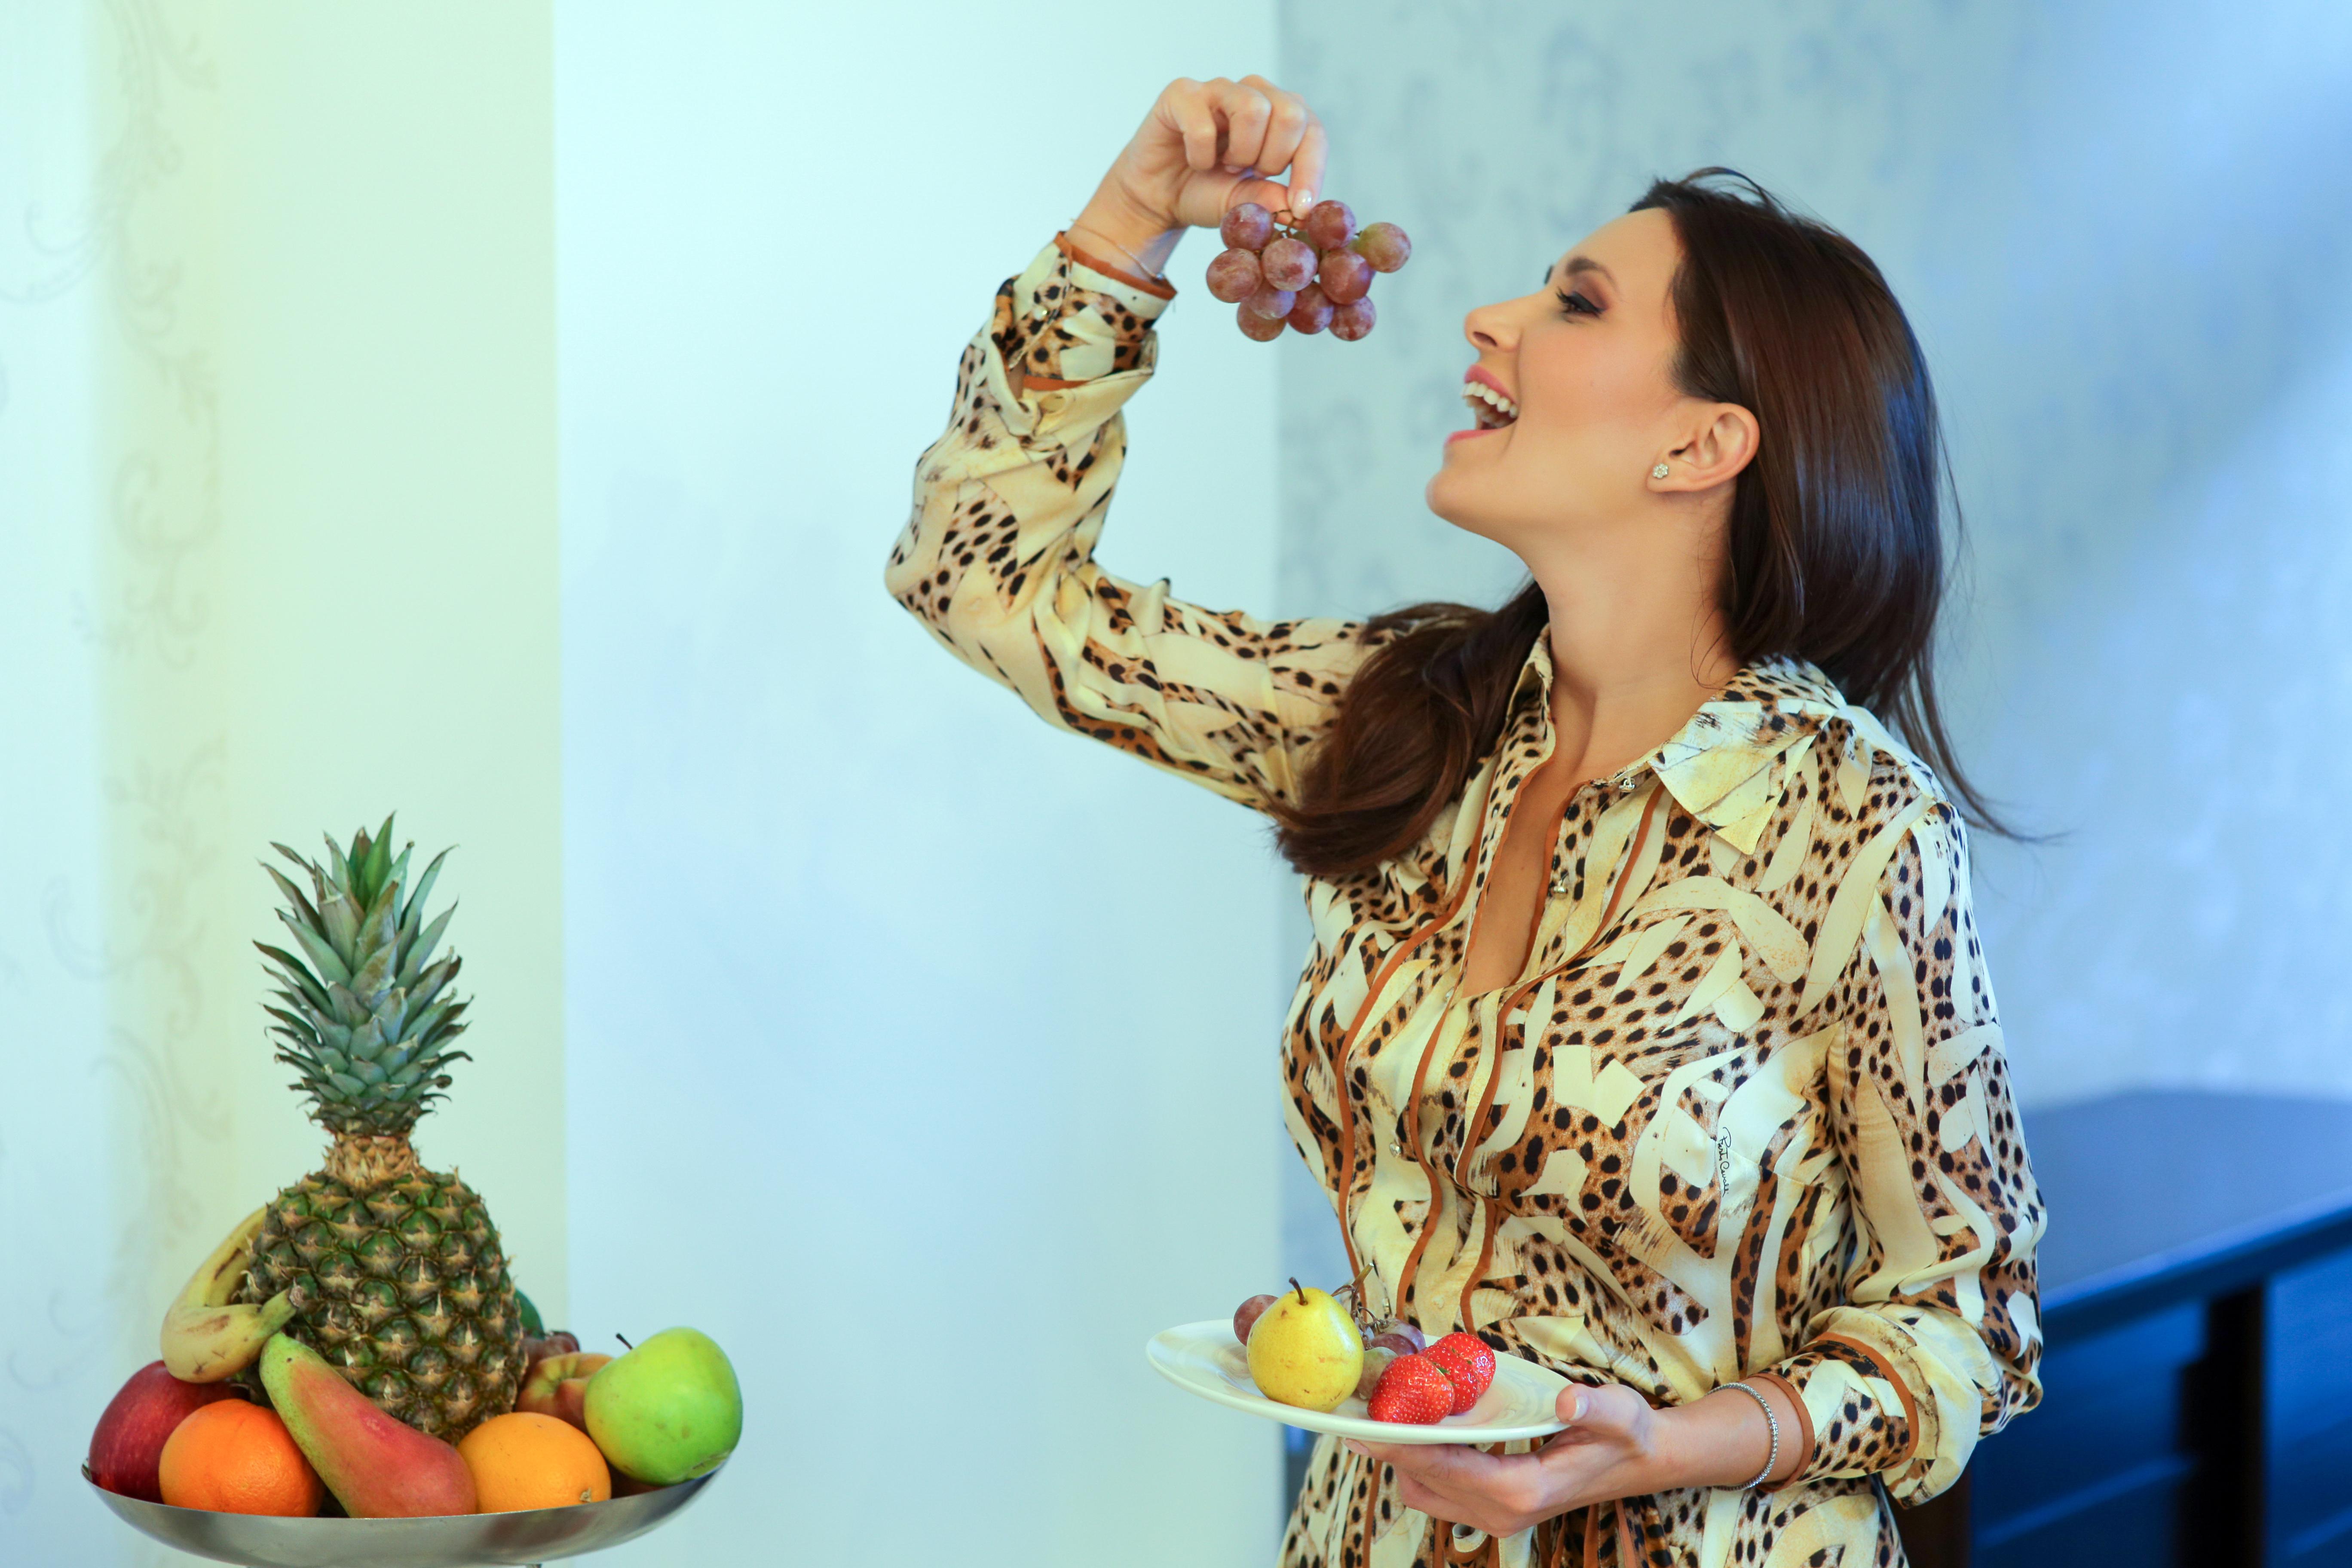 La ce e bună dieta alcalină?